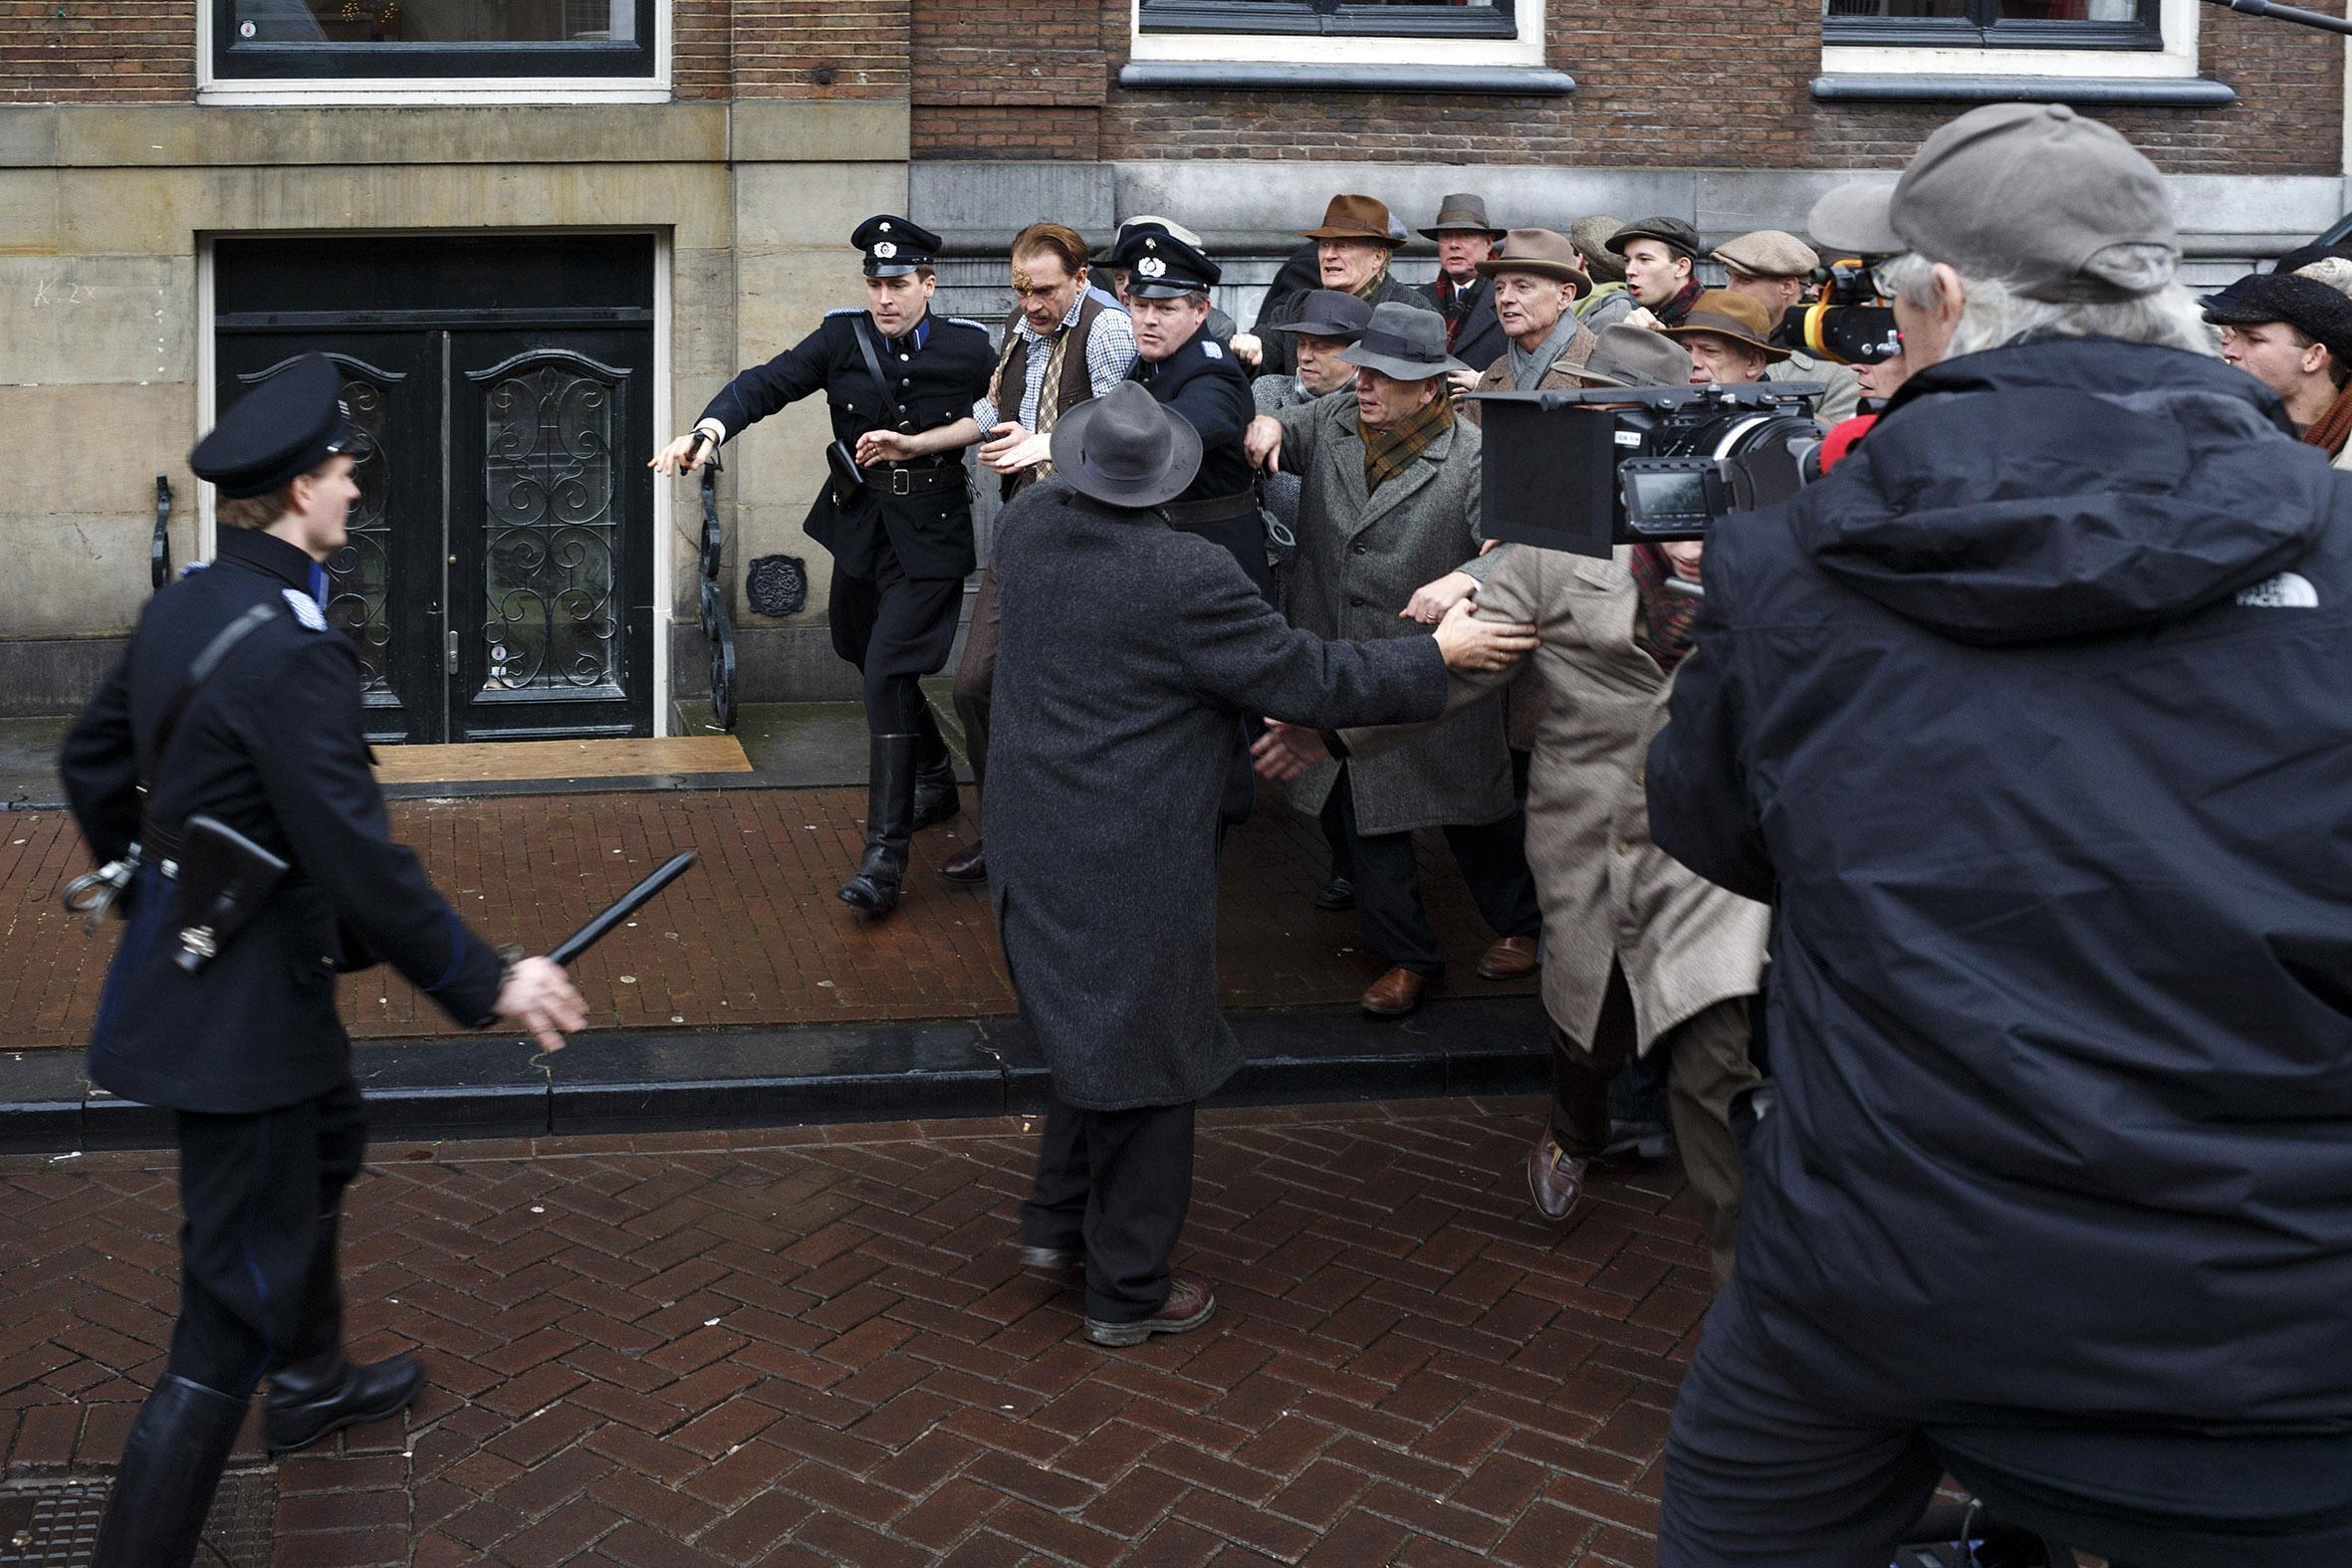 Actie! – Herengracht 518, 1017 CC Amsterdam. 16 december 2015, 14.37 uur.